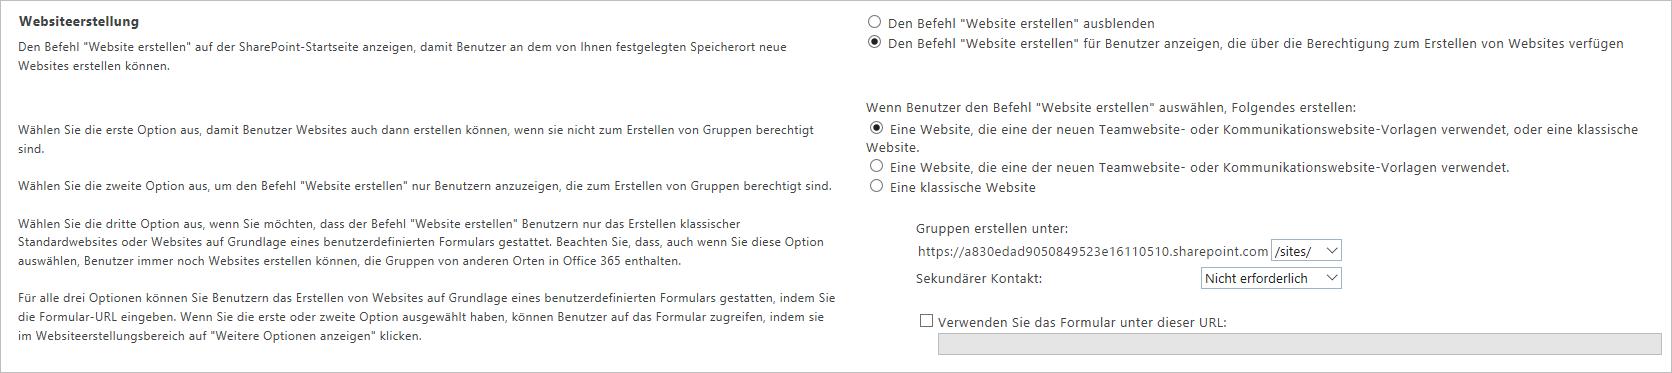 Verbundene SharePoint Online-Teamwebsites in Sekundenschnelle ...